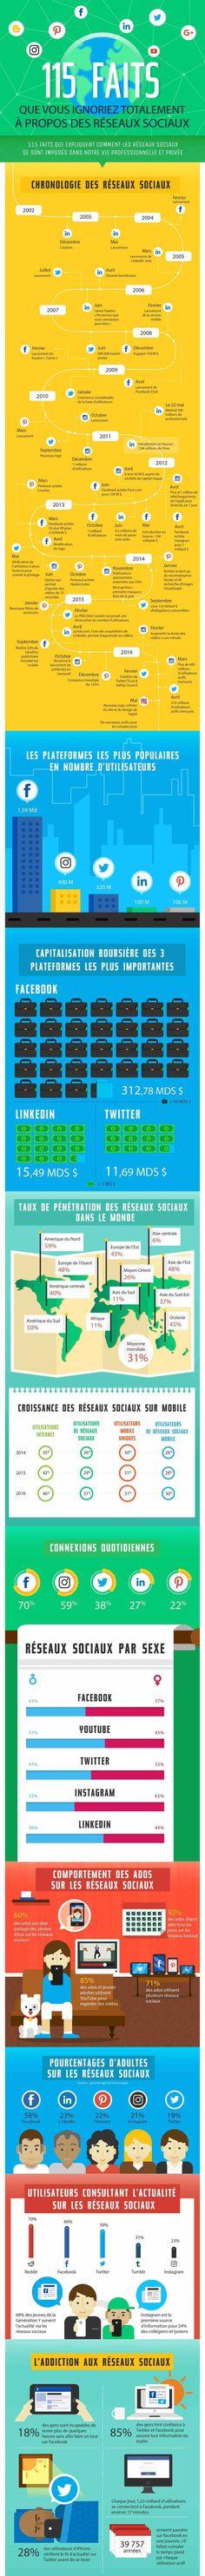 infographie : 115 faits à connaître sur les réseaux sociaux en 2017